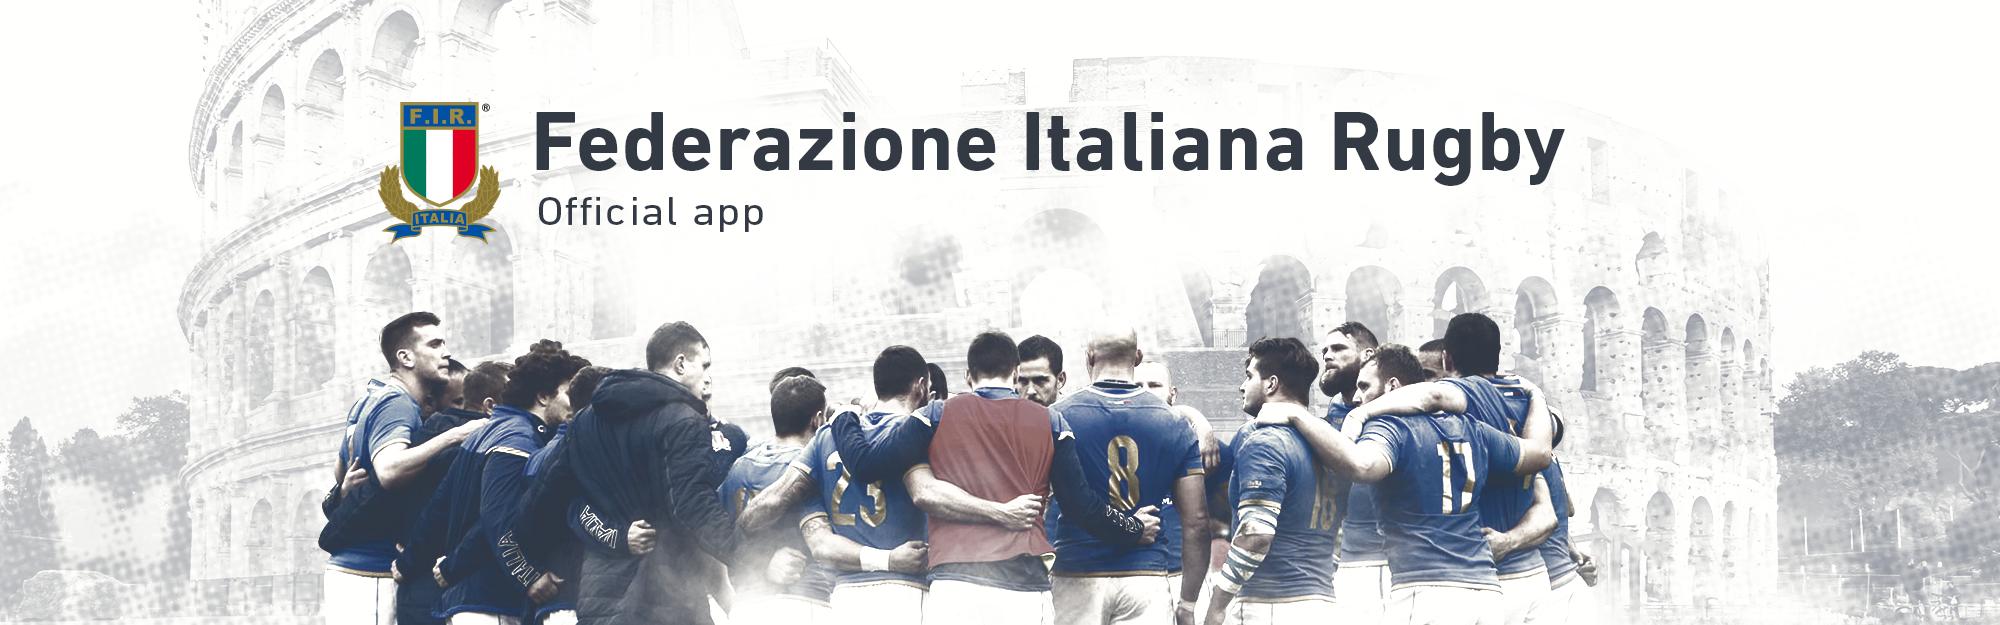 La Federazione Italiana Rugby e IQUII ancora insieme per la Sport Digital Transformation: ecco le novità dell'app ufficiale FIR